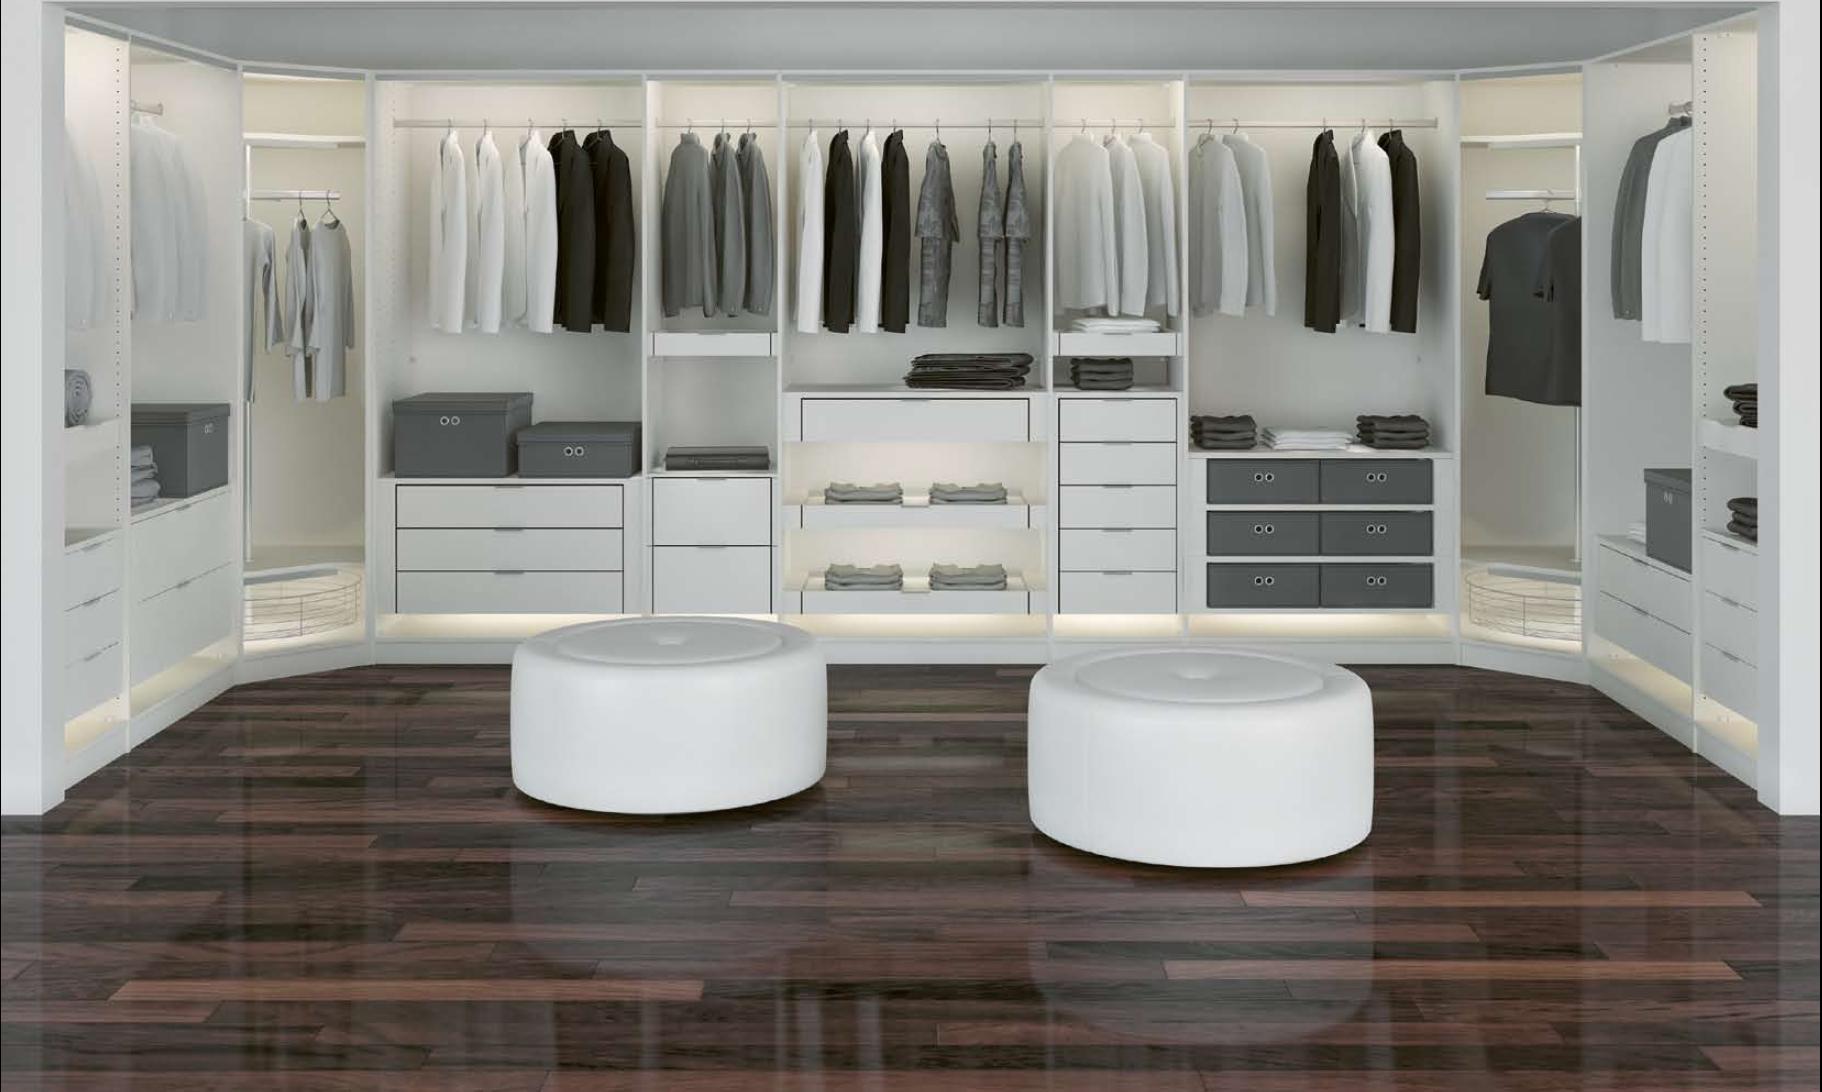 Гардеробная - это уникальная система хранения, с которой вы создадите место, где легко поддерживать порядок и сможете...